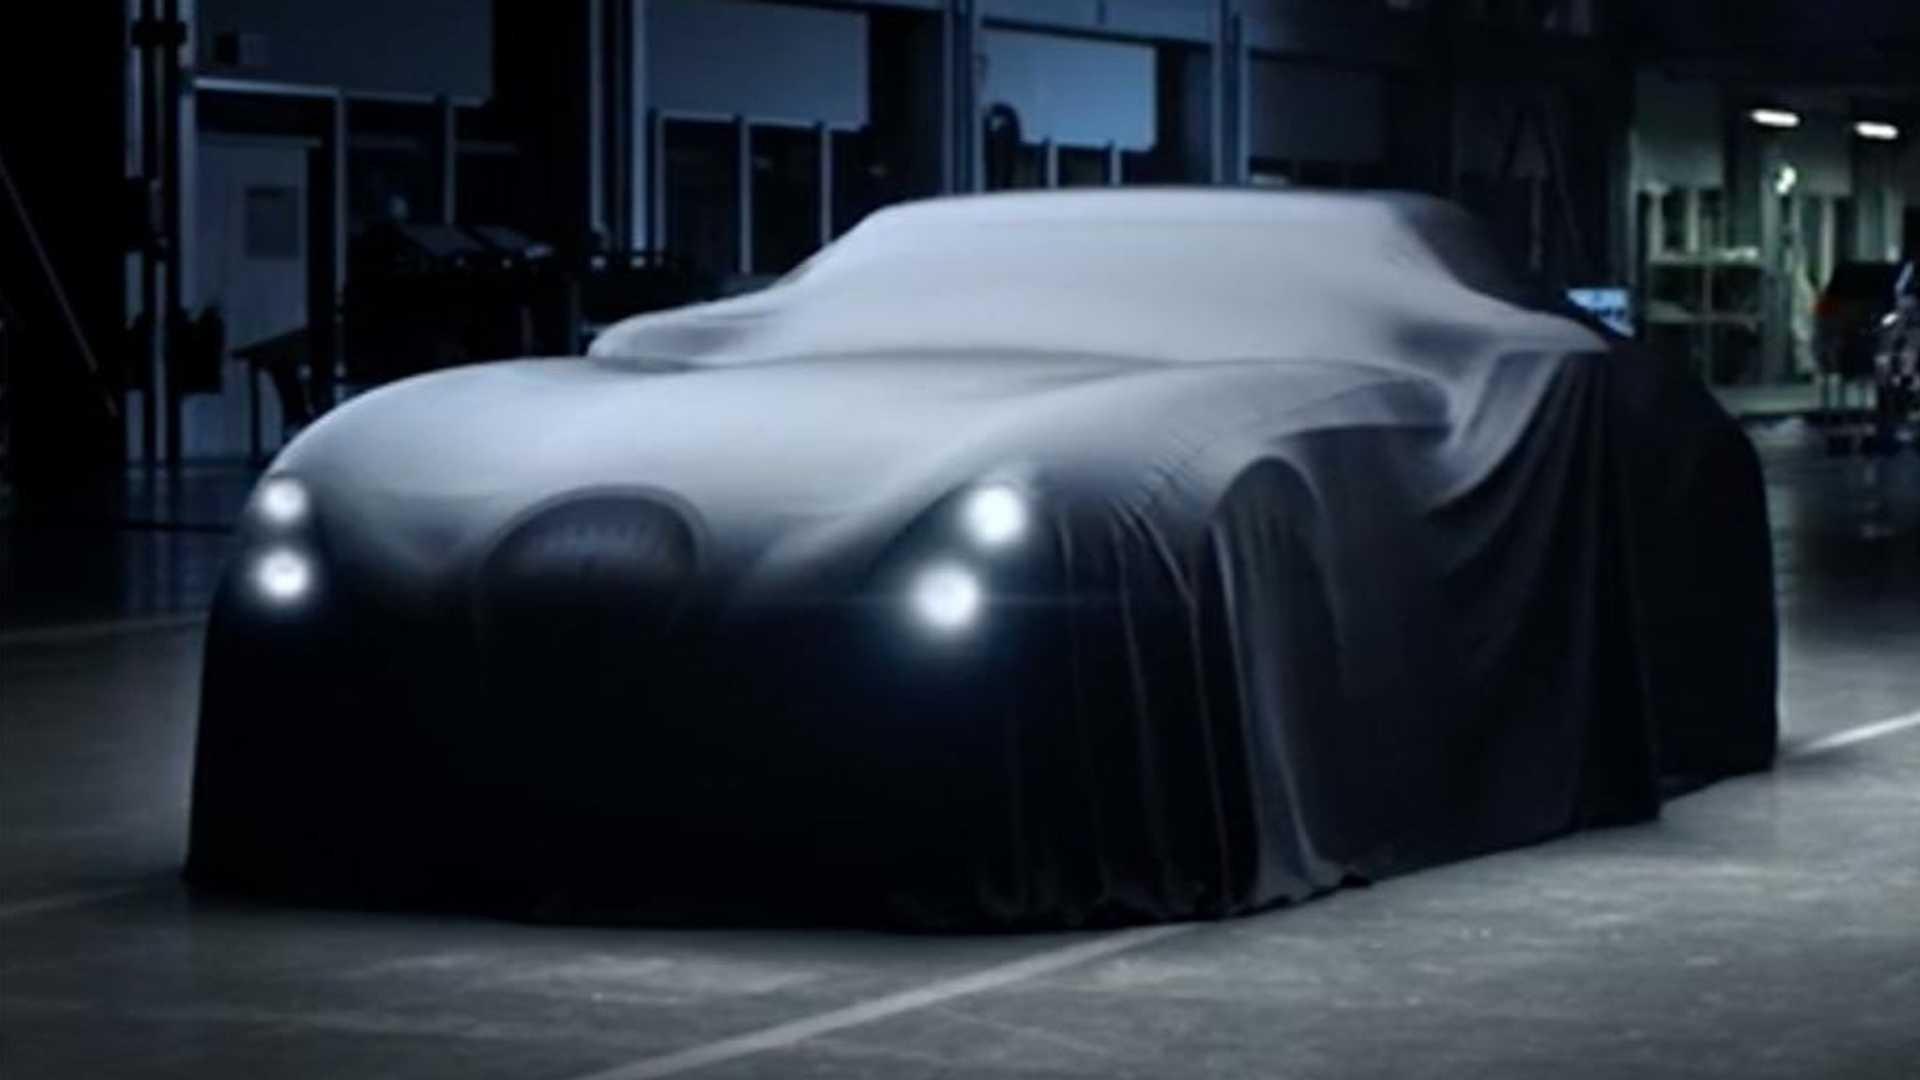 آشنایی با ویزمن پروجکت گکو، خودرویی مرموز با پرفورمنسی مطلوب + تصاویر